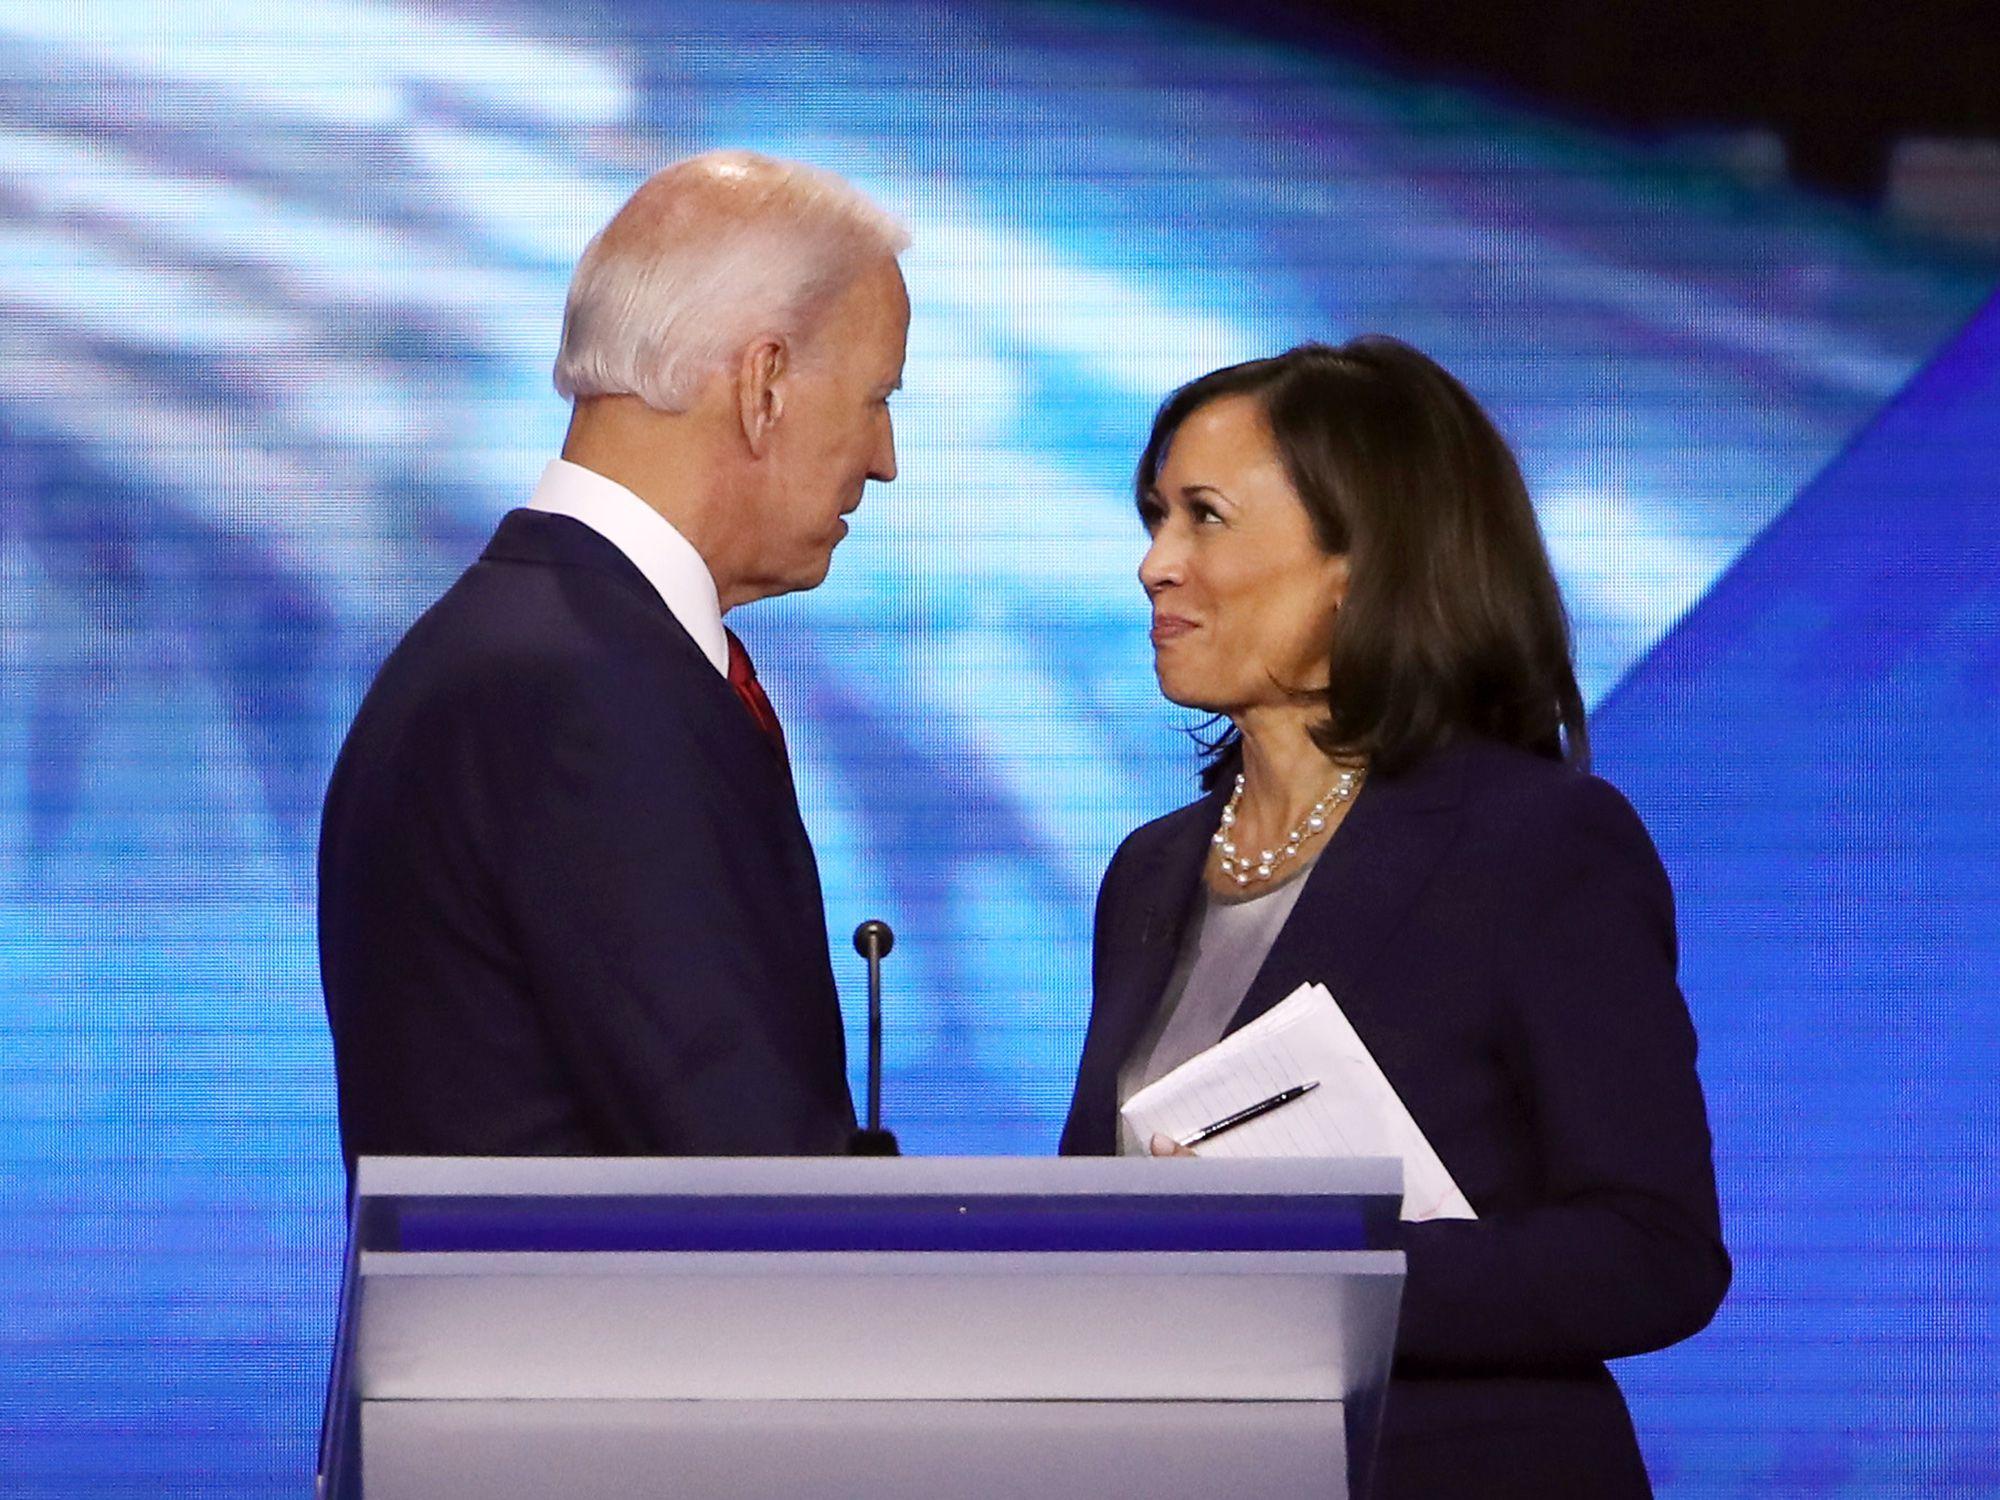 bostonglobe.com - Liz Goodwin - Joe Biden picks Kamala Harris as his running mate